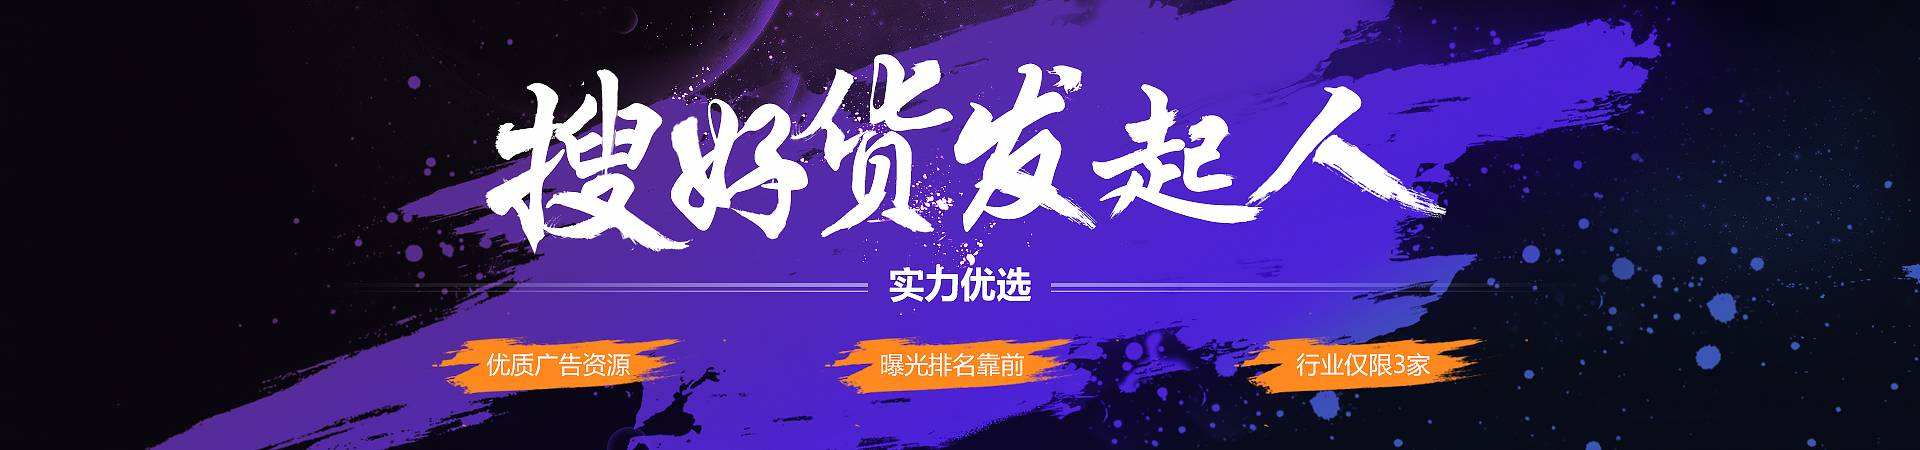 供应北京电梯配重铁 天津电梯配重铁 徐州电梯配重铁图片